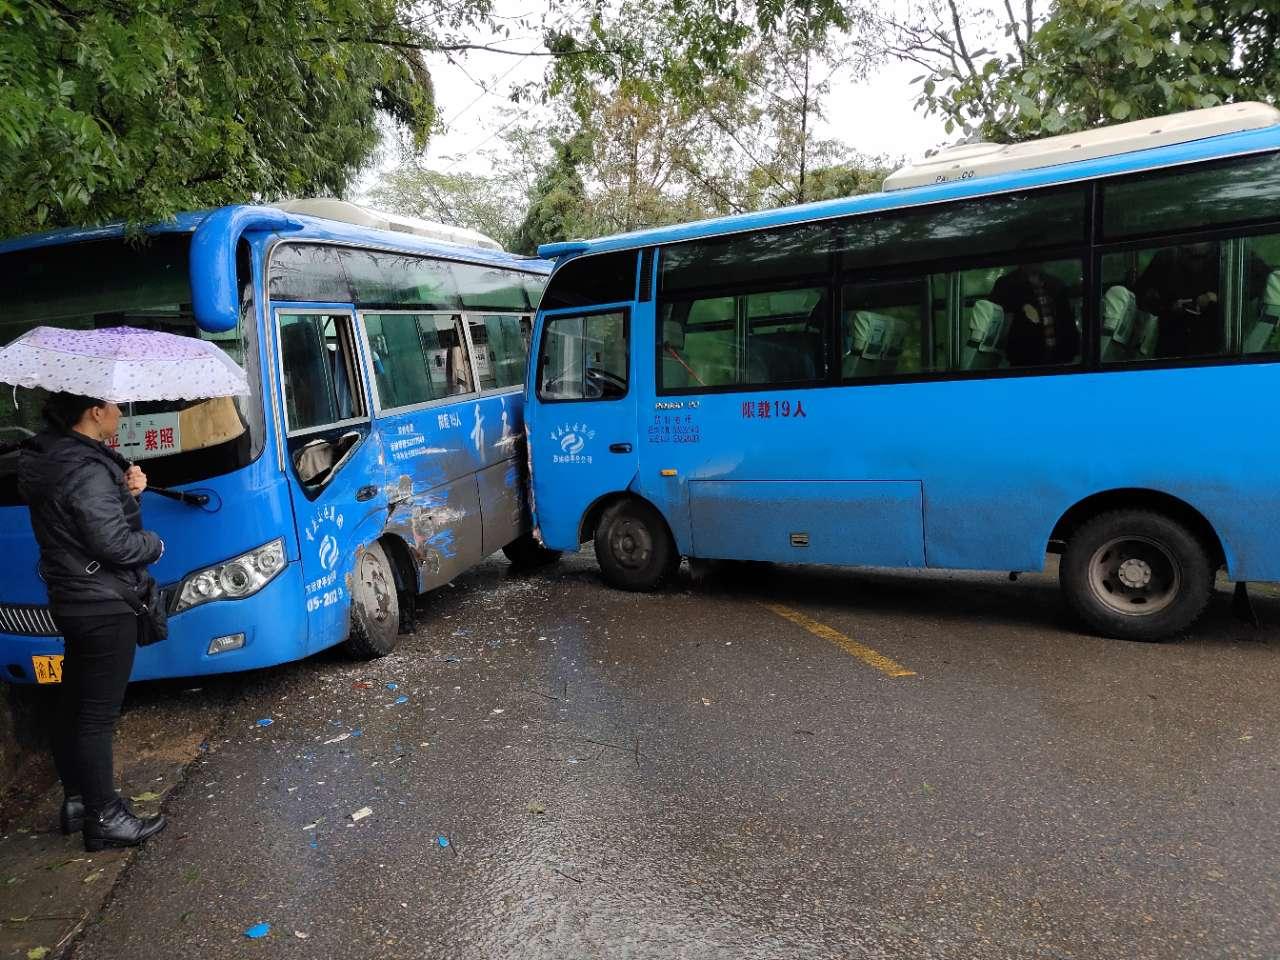 柏家加油站处两客车弯道相撞,雨天请小心驾驶